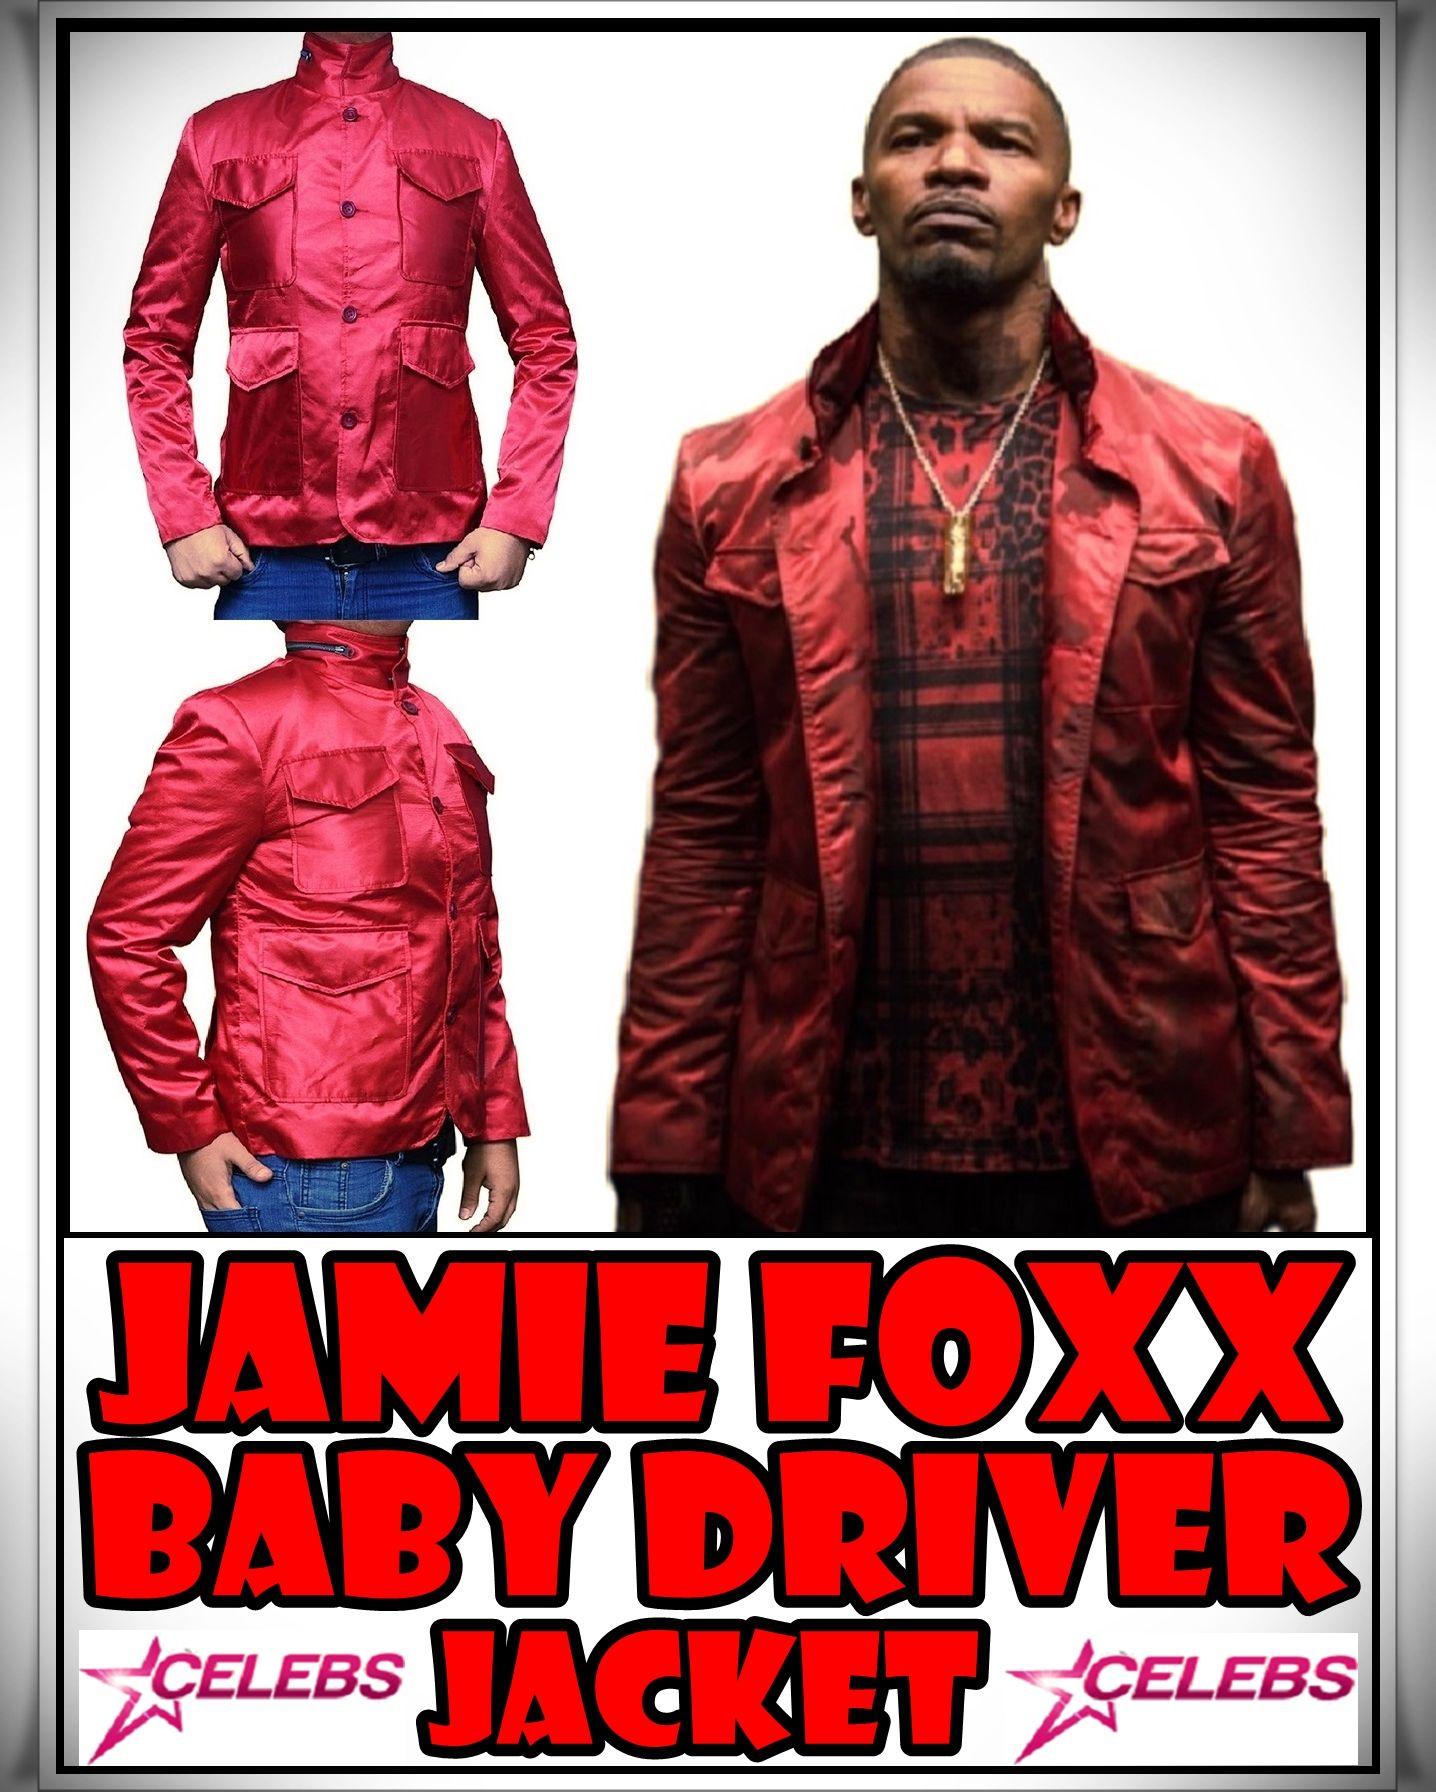 4578c65a6 Jamie Foxx Baby Driver Red Jacket   Jamie Foxx Baby Driver Jacket ...